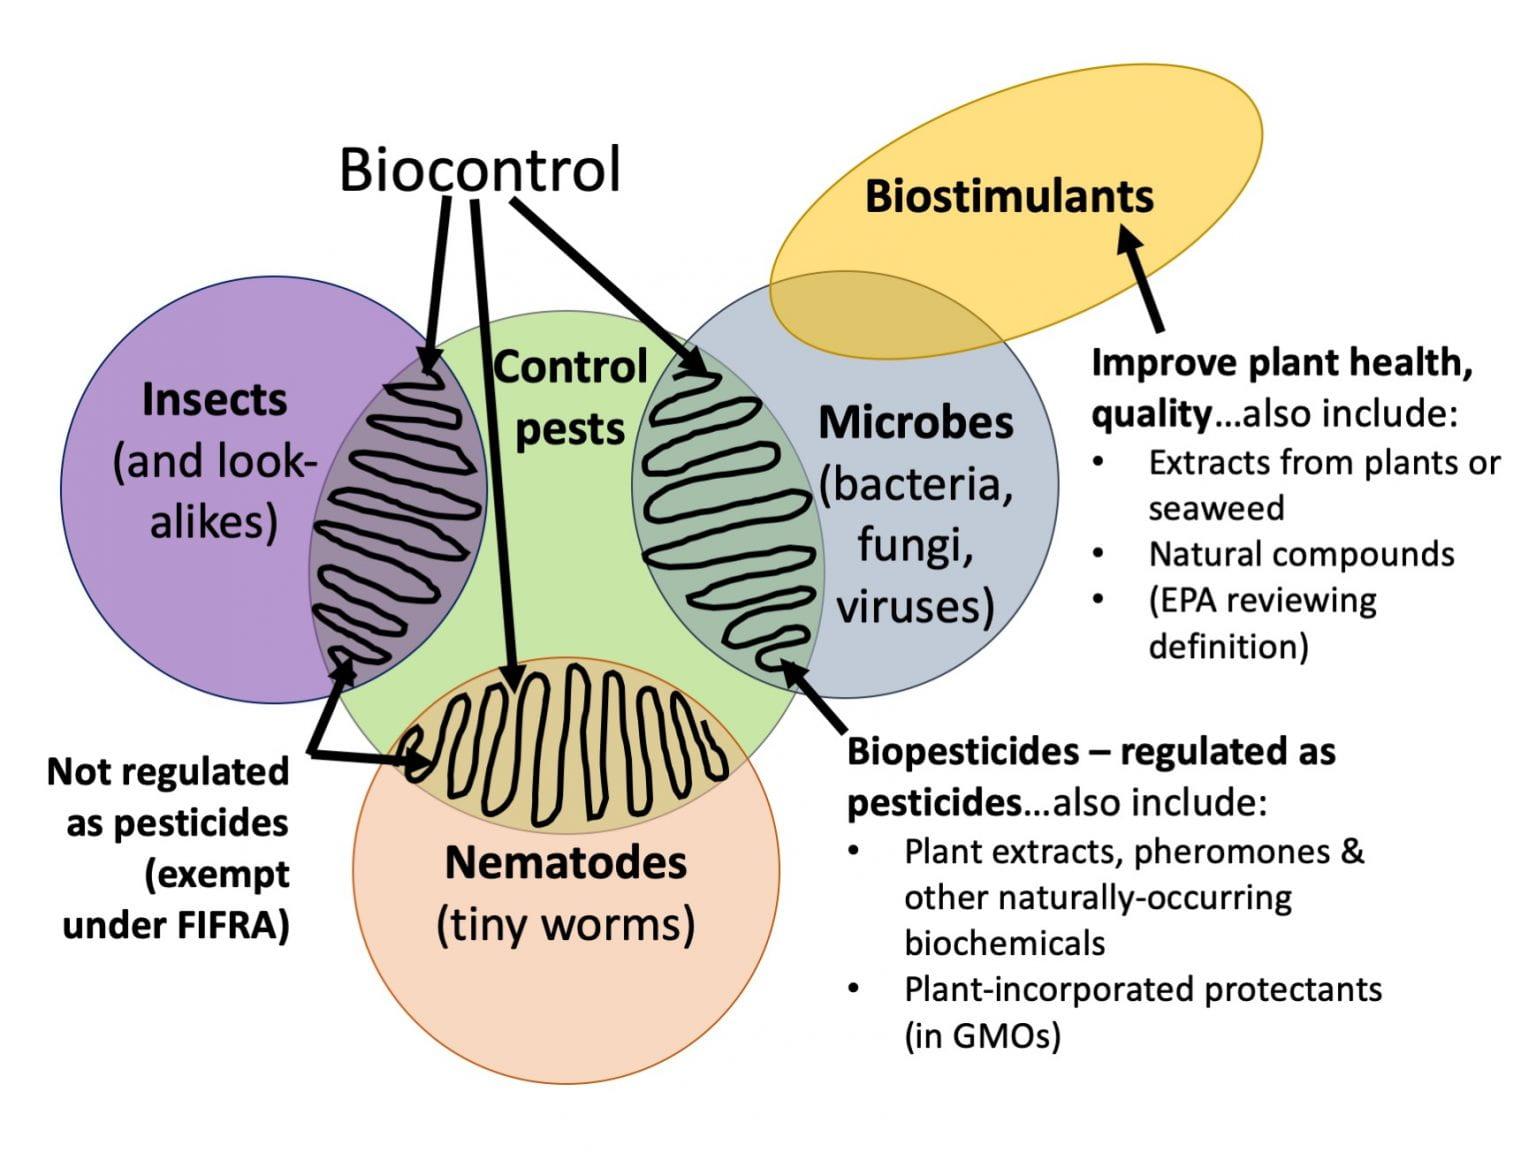 Despre biocontrol, biopesticide si biostimulatori...ce este un pesticid? imbunatatirea sanatarii plantelor; unde se incadreaza biocontrolul? stiri agricole